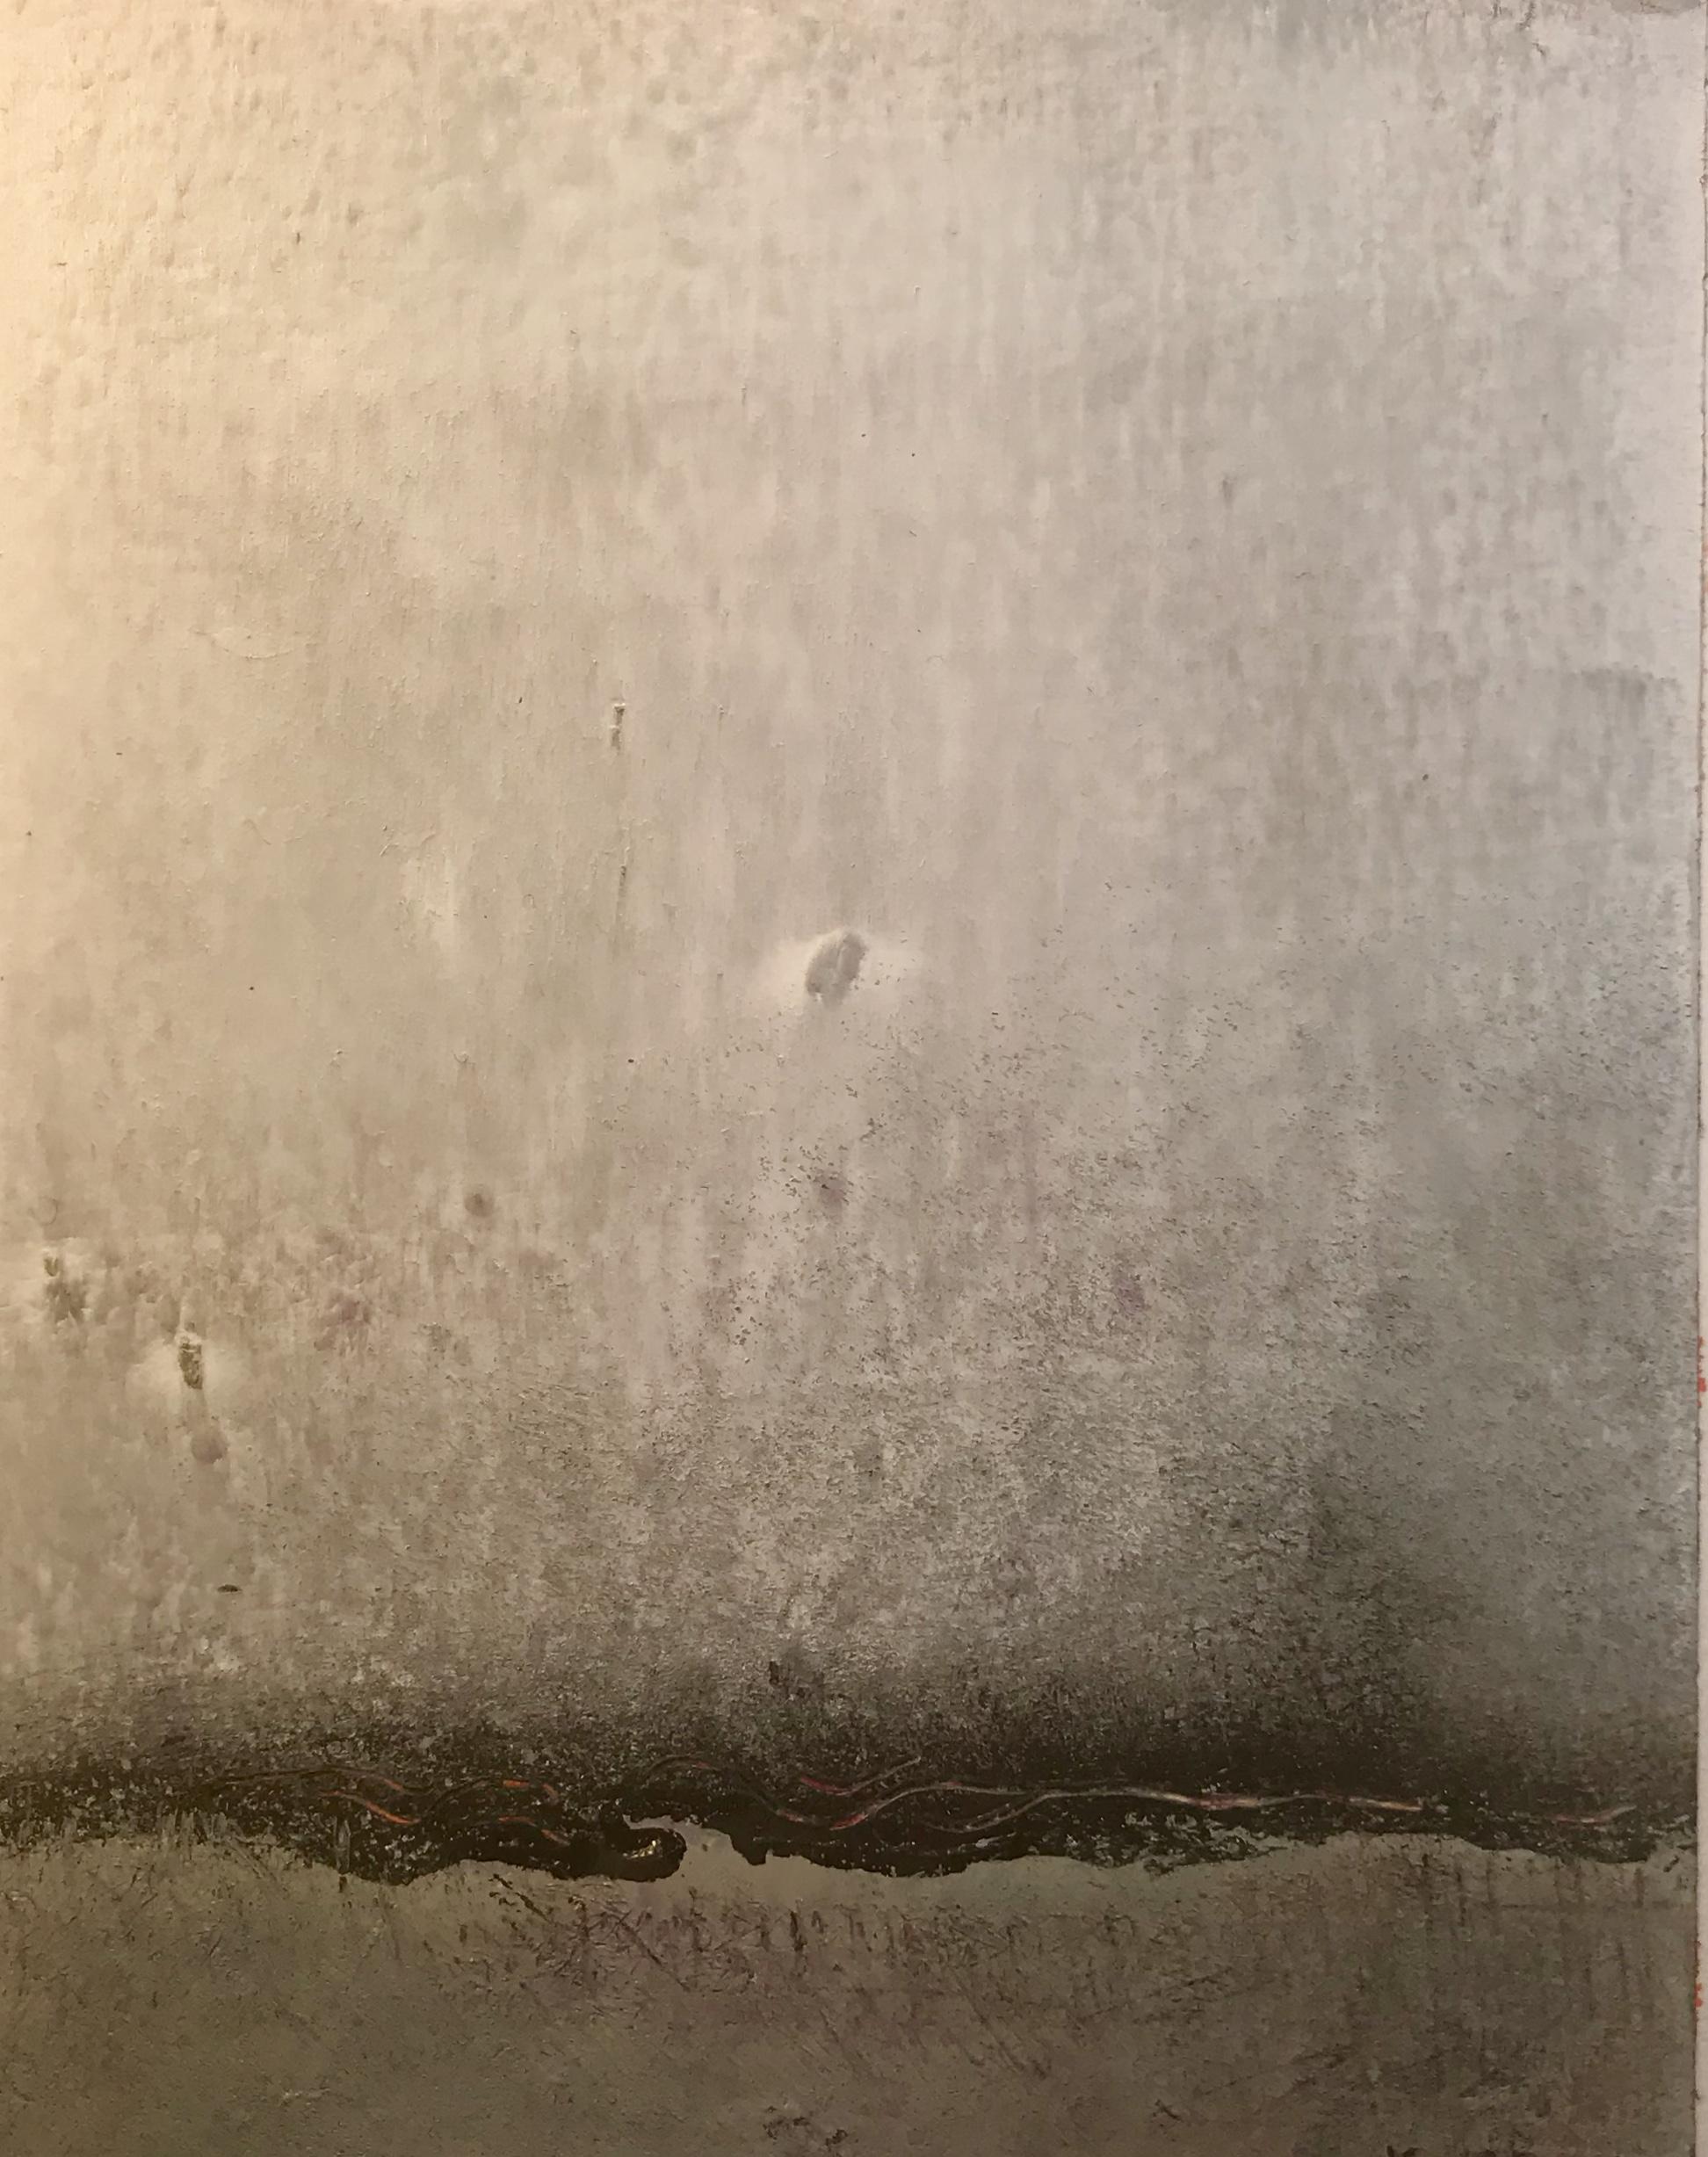 Landscape#9 framed 12x13.5  $500.00